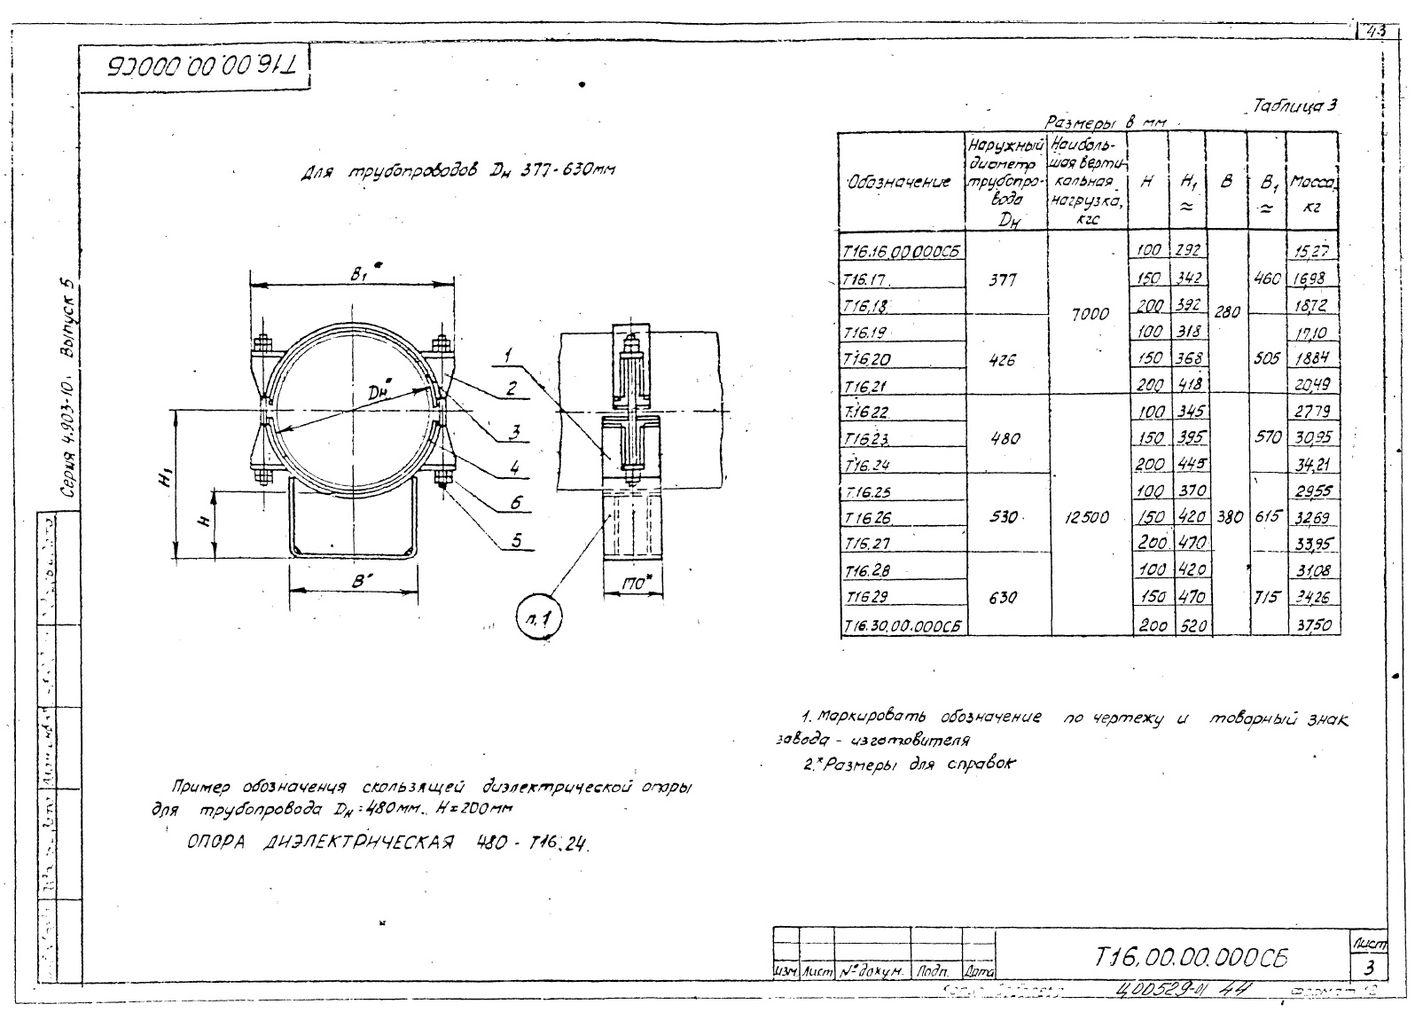 Опоры скользящие диэлектрические Т16 серия 4.903-10 выпуск 5 стр.3